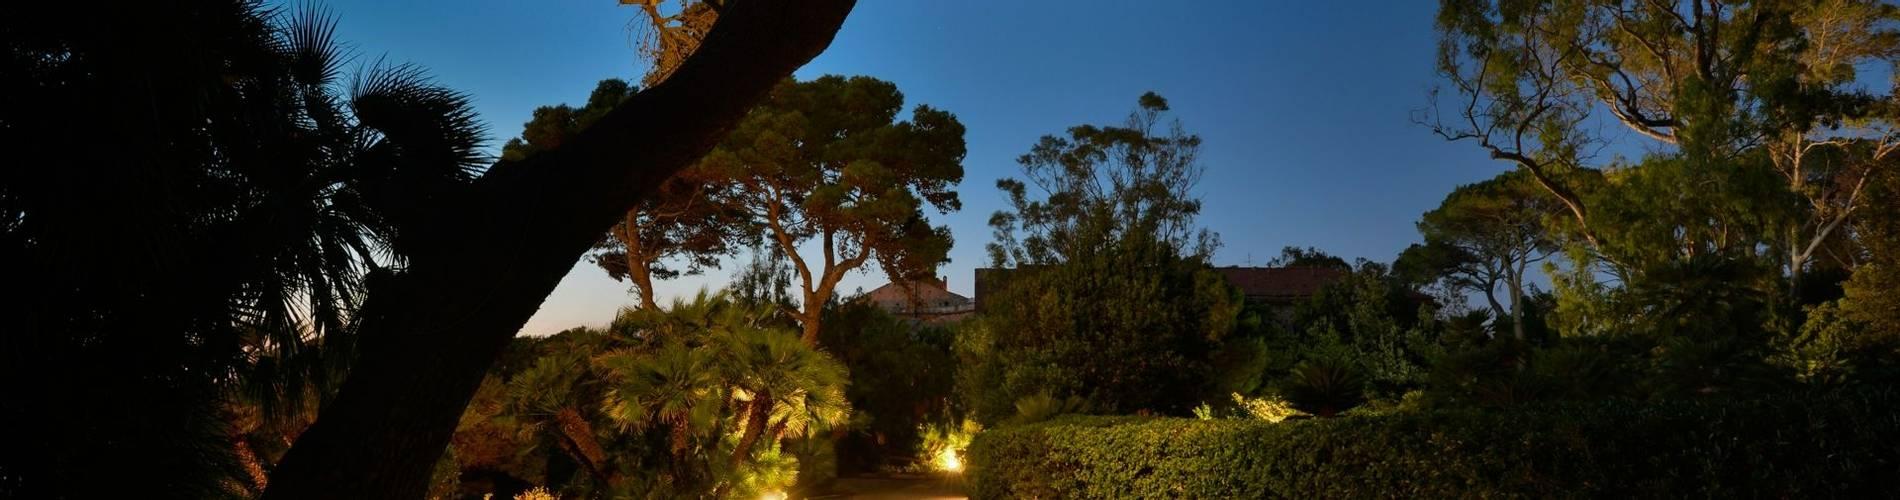 Palazzo Belmonte 19.jpg